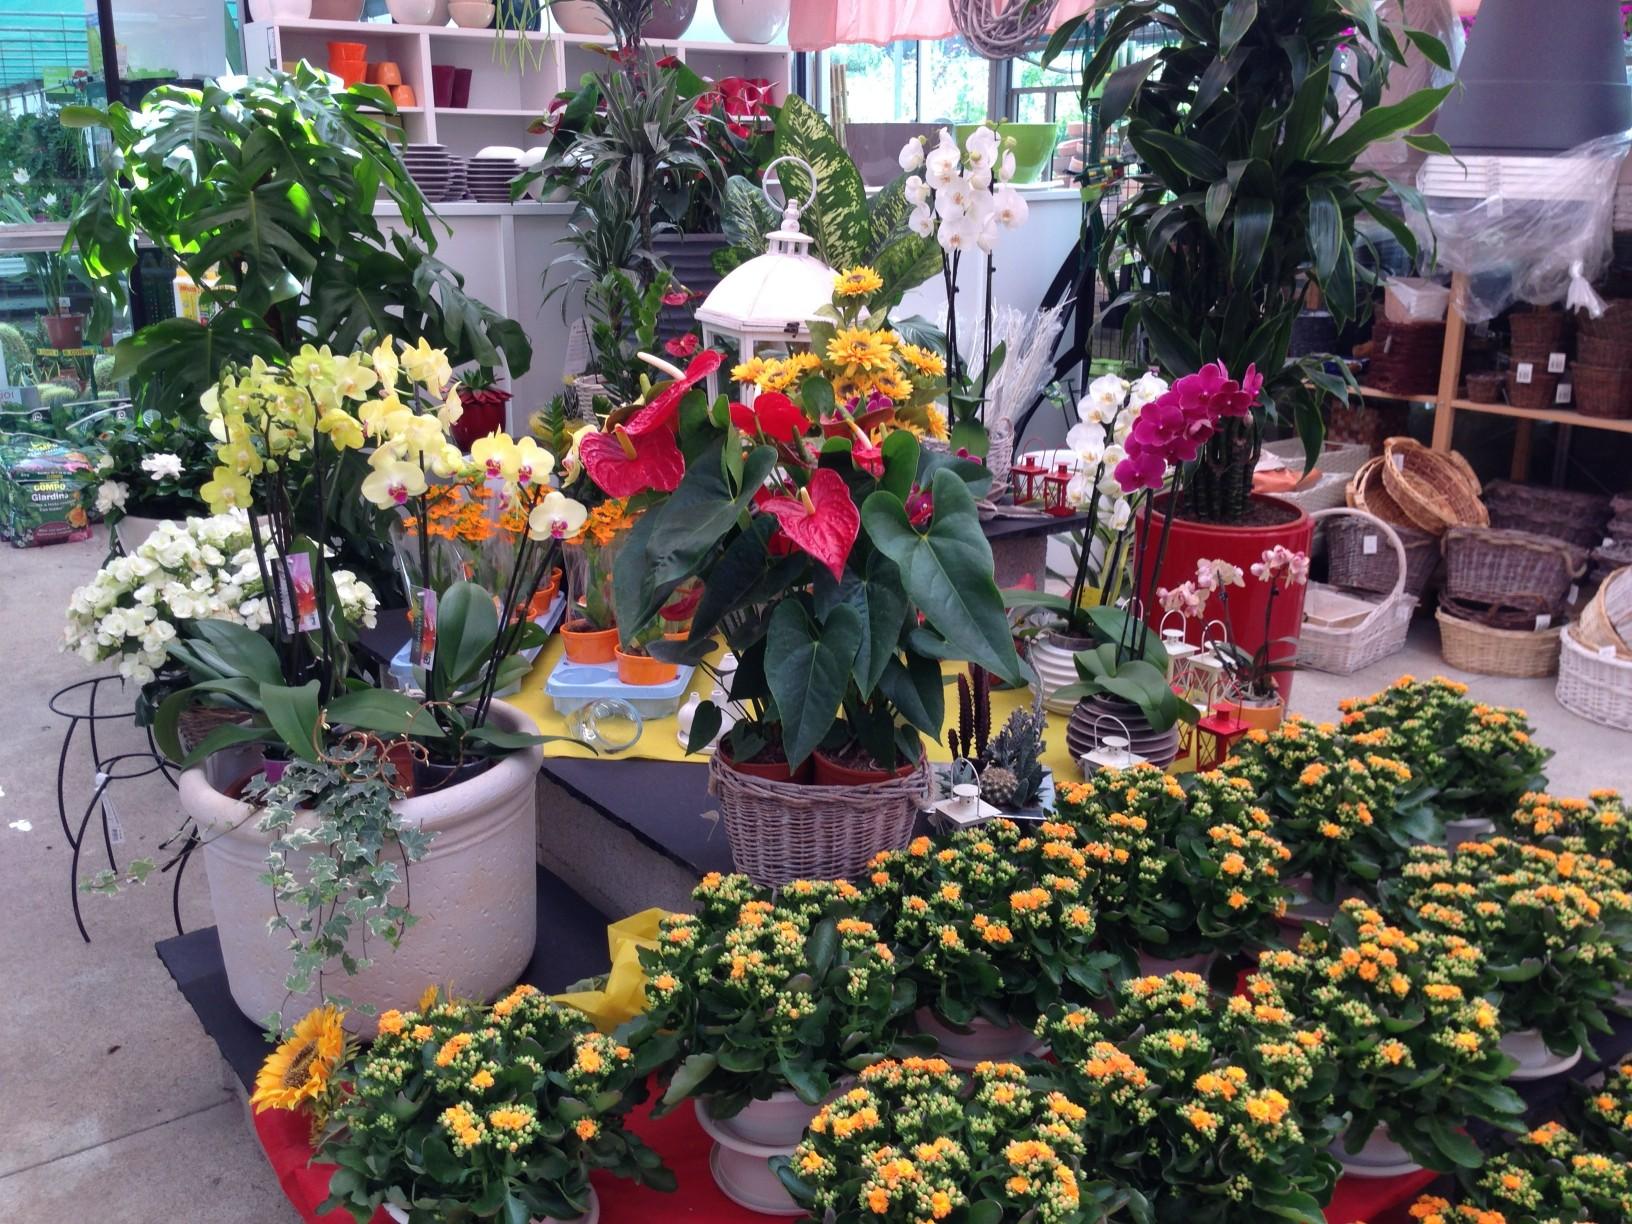 Rf giardini - piante da interno - Bizzarone - Como - Svizzera